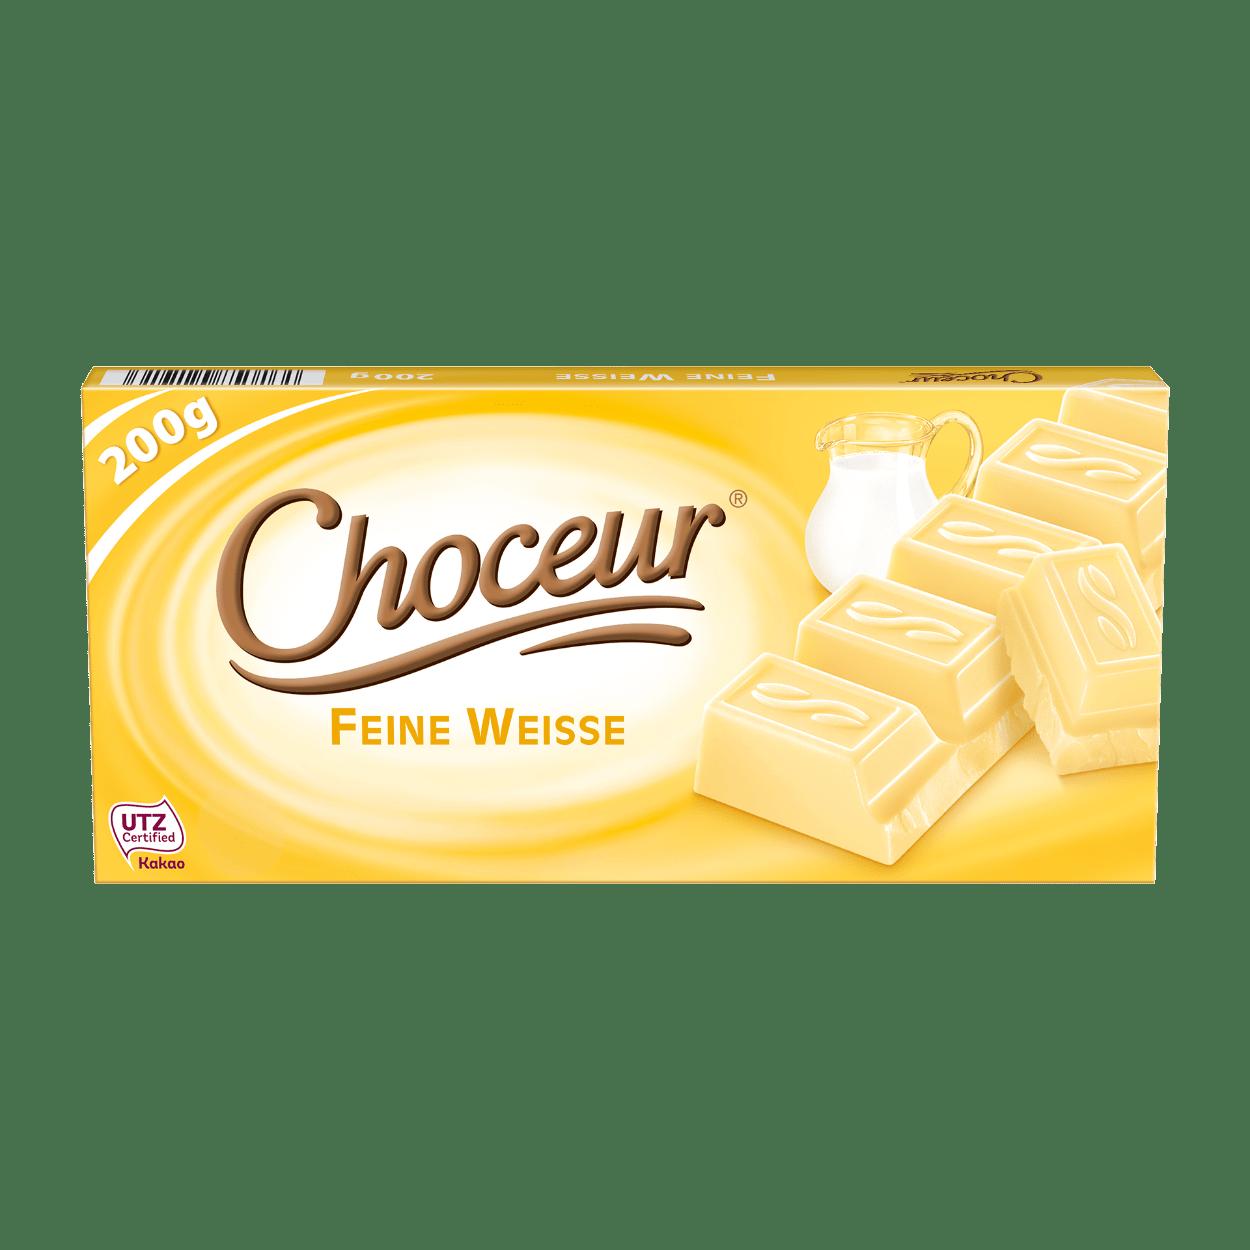 CHOCEUR Sahne- / Weiße Schokolade günstig bei ALDI Nord